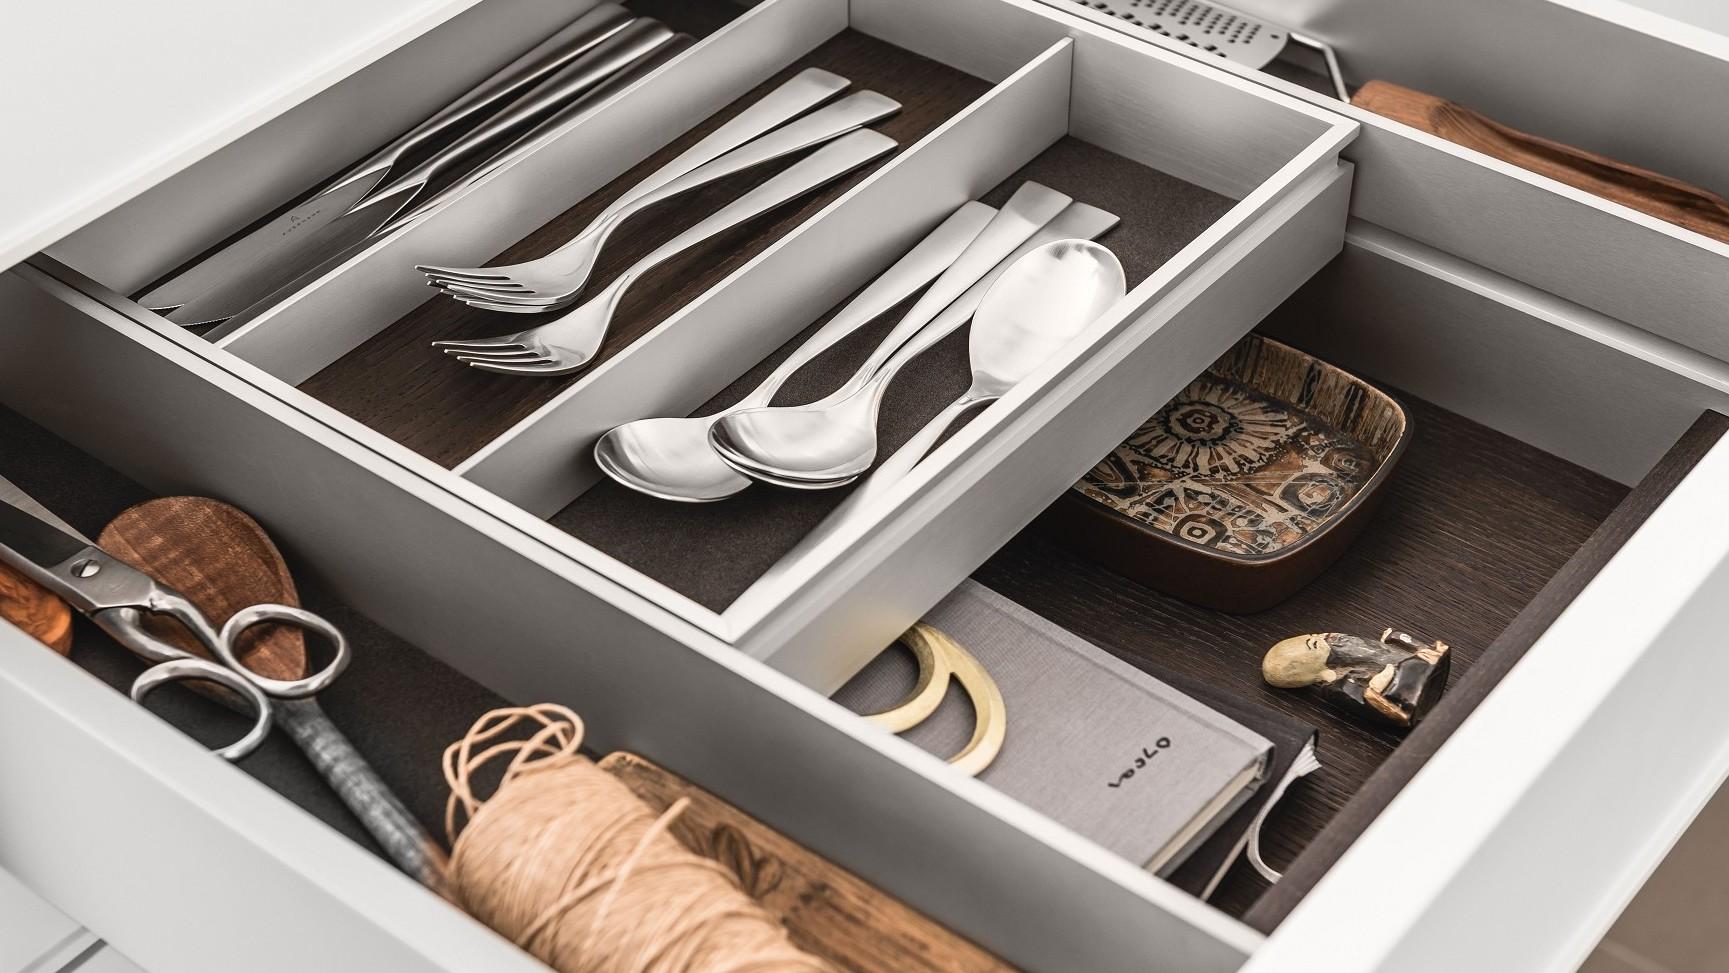 Full Size of Gewürze Schubladeneinsatz Kchenausstattung Von Siematic Individuell Küche Wohnzimmer Gewürze Schubladeneinsatz